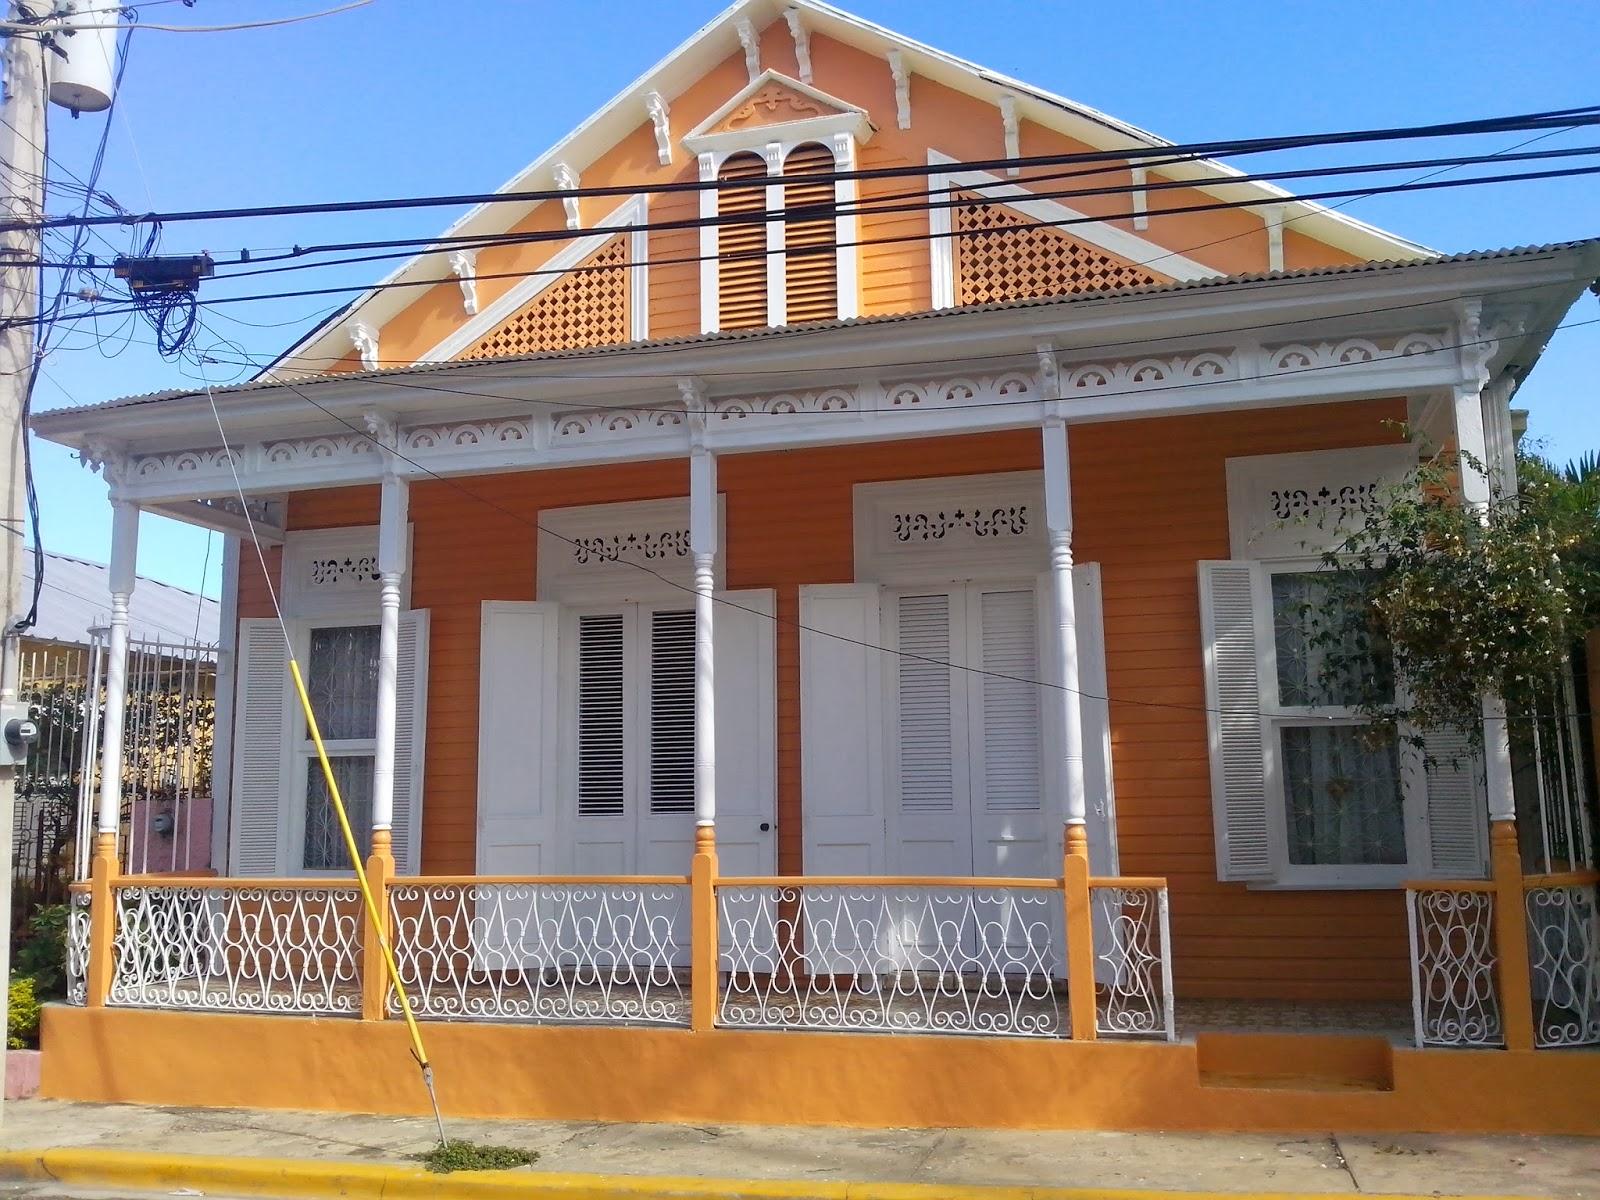 Cl ster tur stico pinta casas victorianas del centro for Franco casa piani di betz